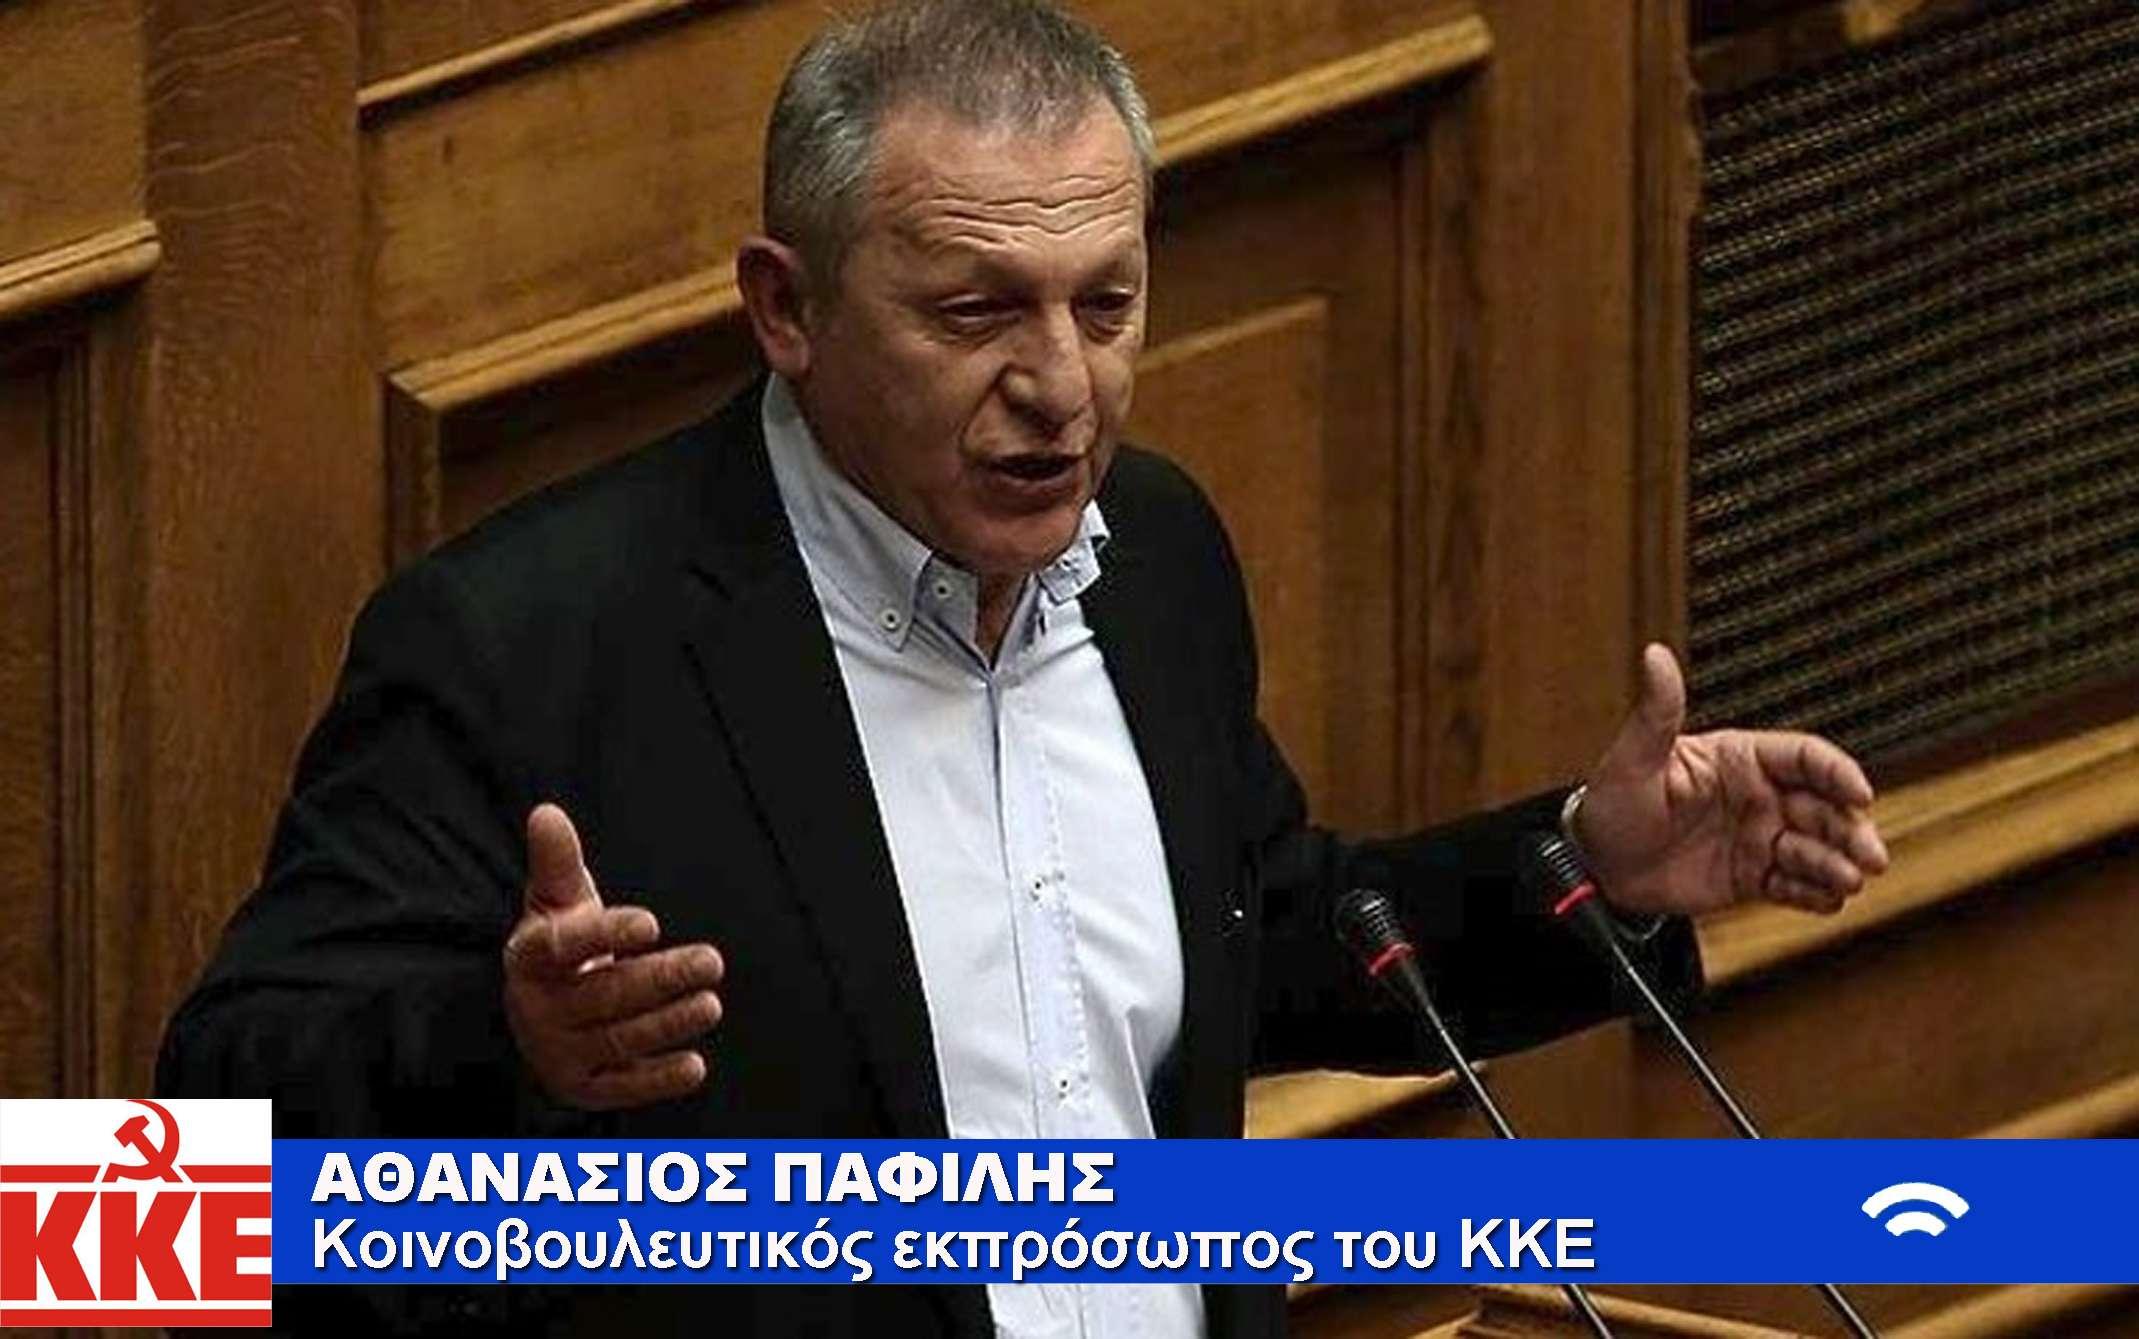 ΘΑΝΑΣΗΣ ΠΑΦΙΛΗΣ στη Βουλή: Μην τολμήσετε να φέρετε ρύθμιση για περιορισμό των διαδηλώσεων!